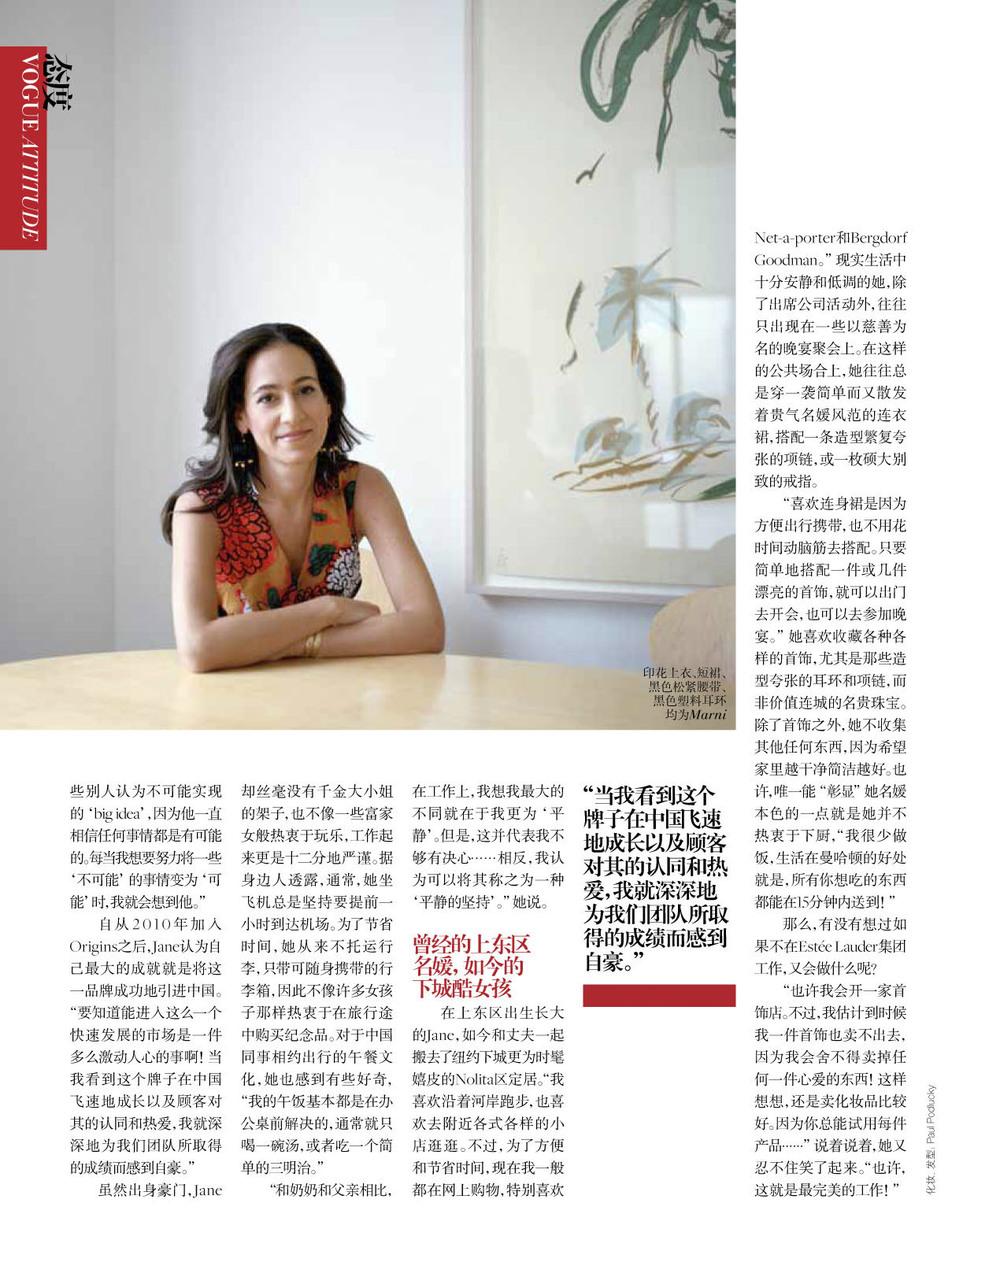 Chinese Vogue - Jane Lauder-3.jpg